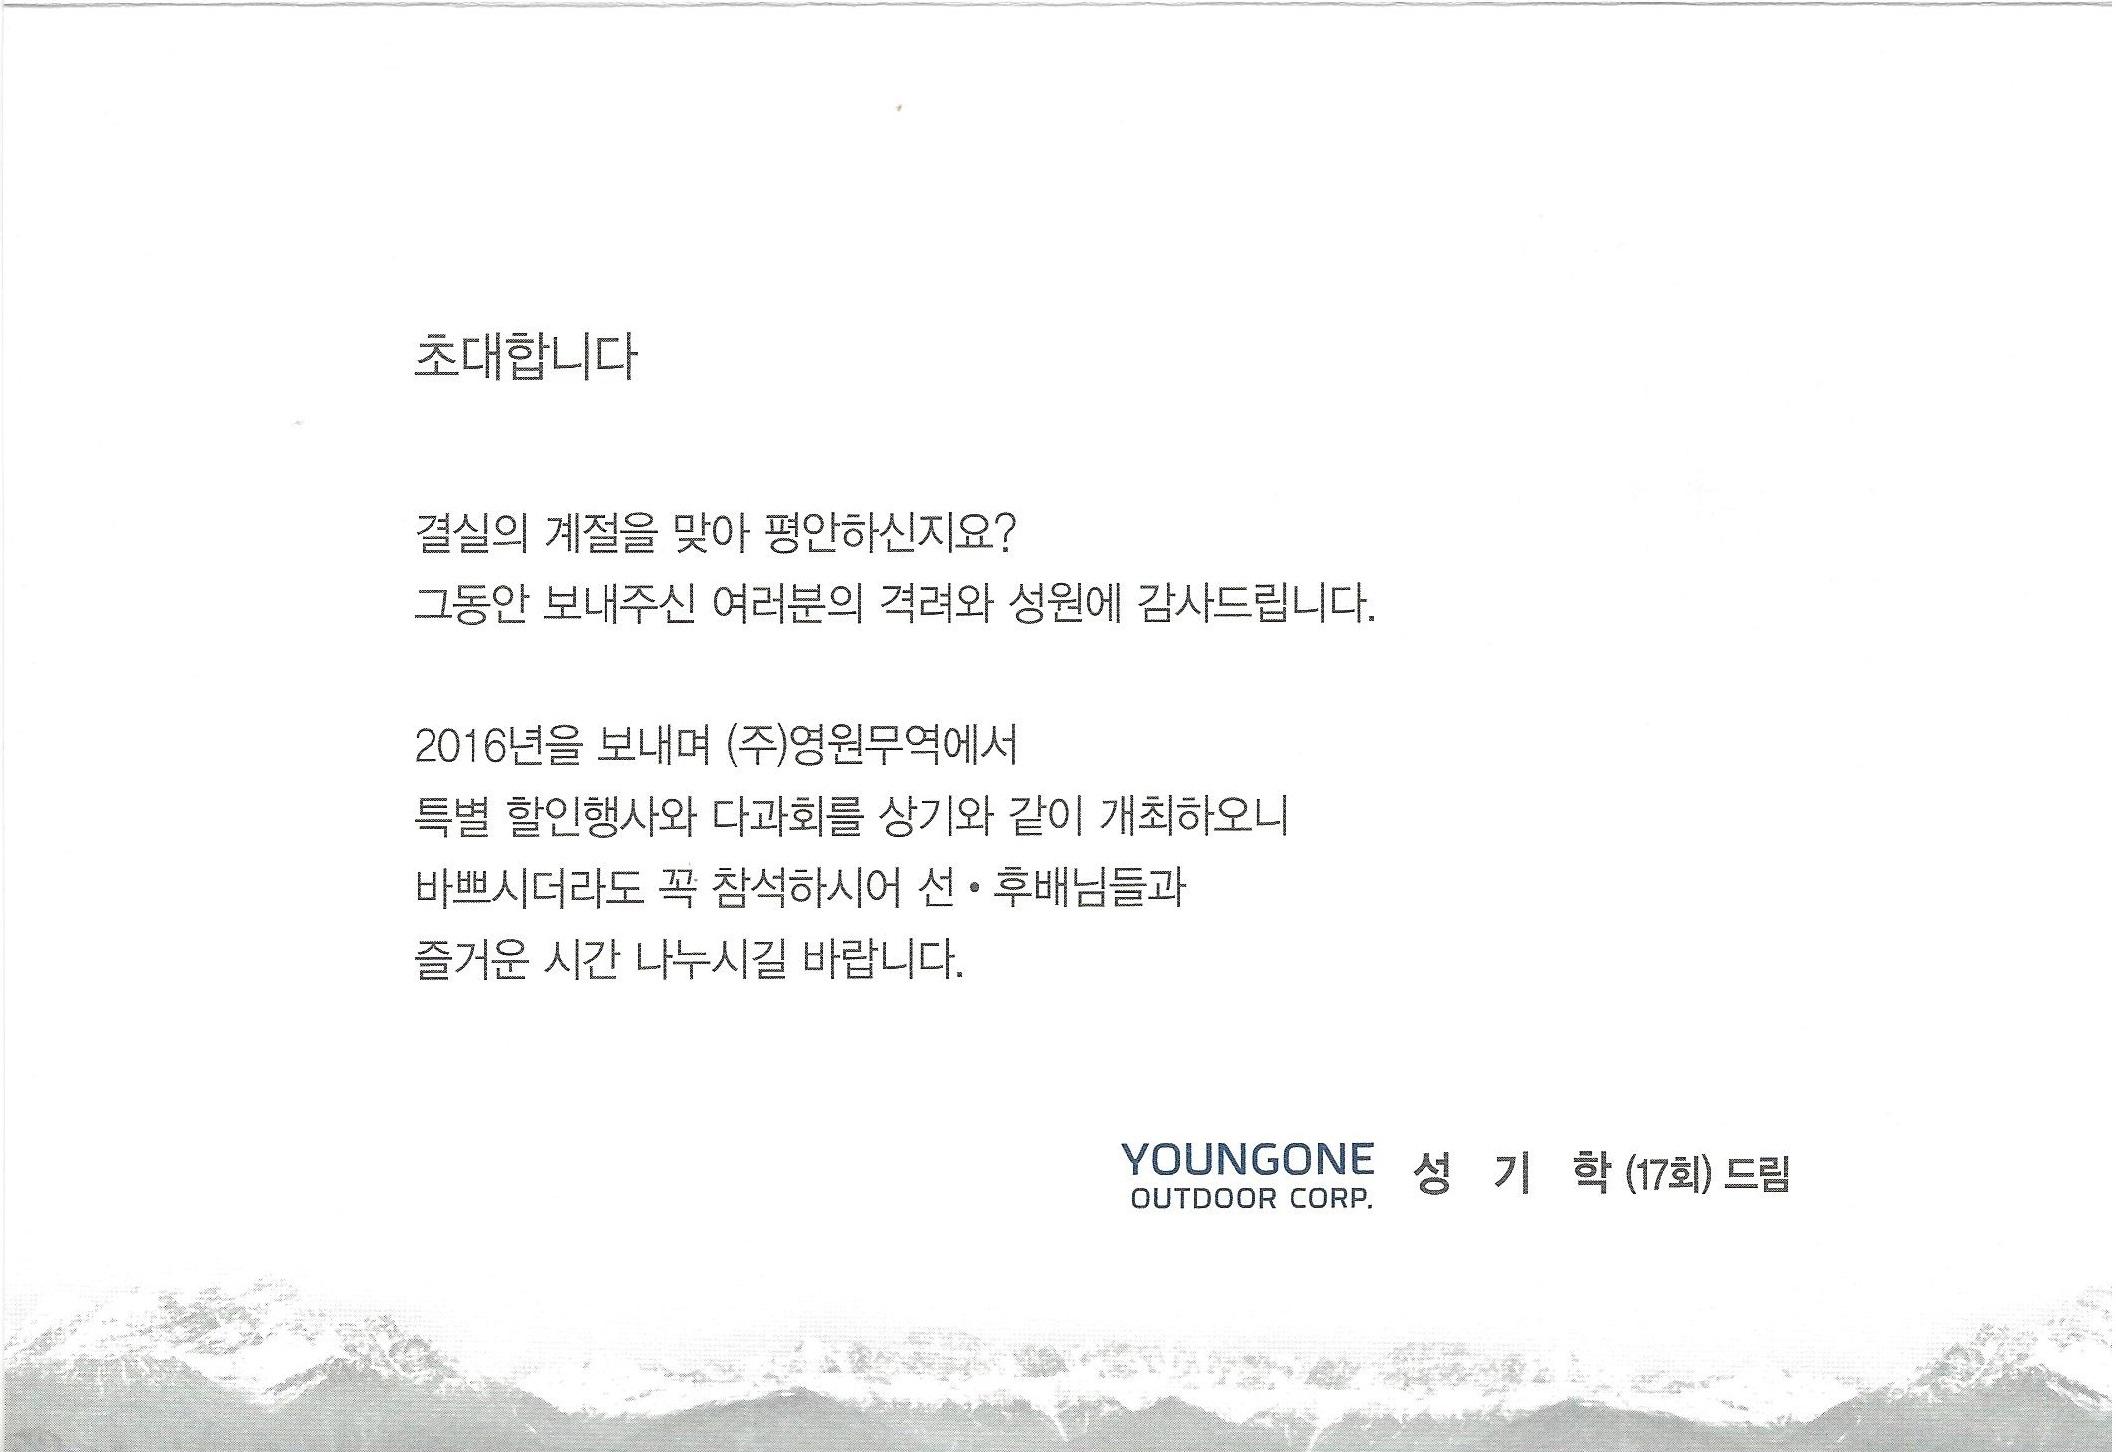 2016월곡점_초대장본문02.jpg